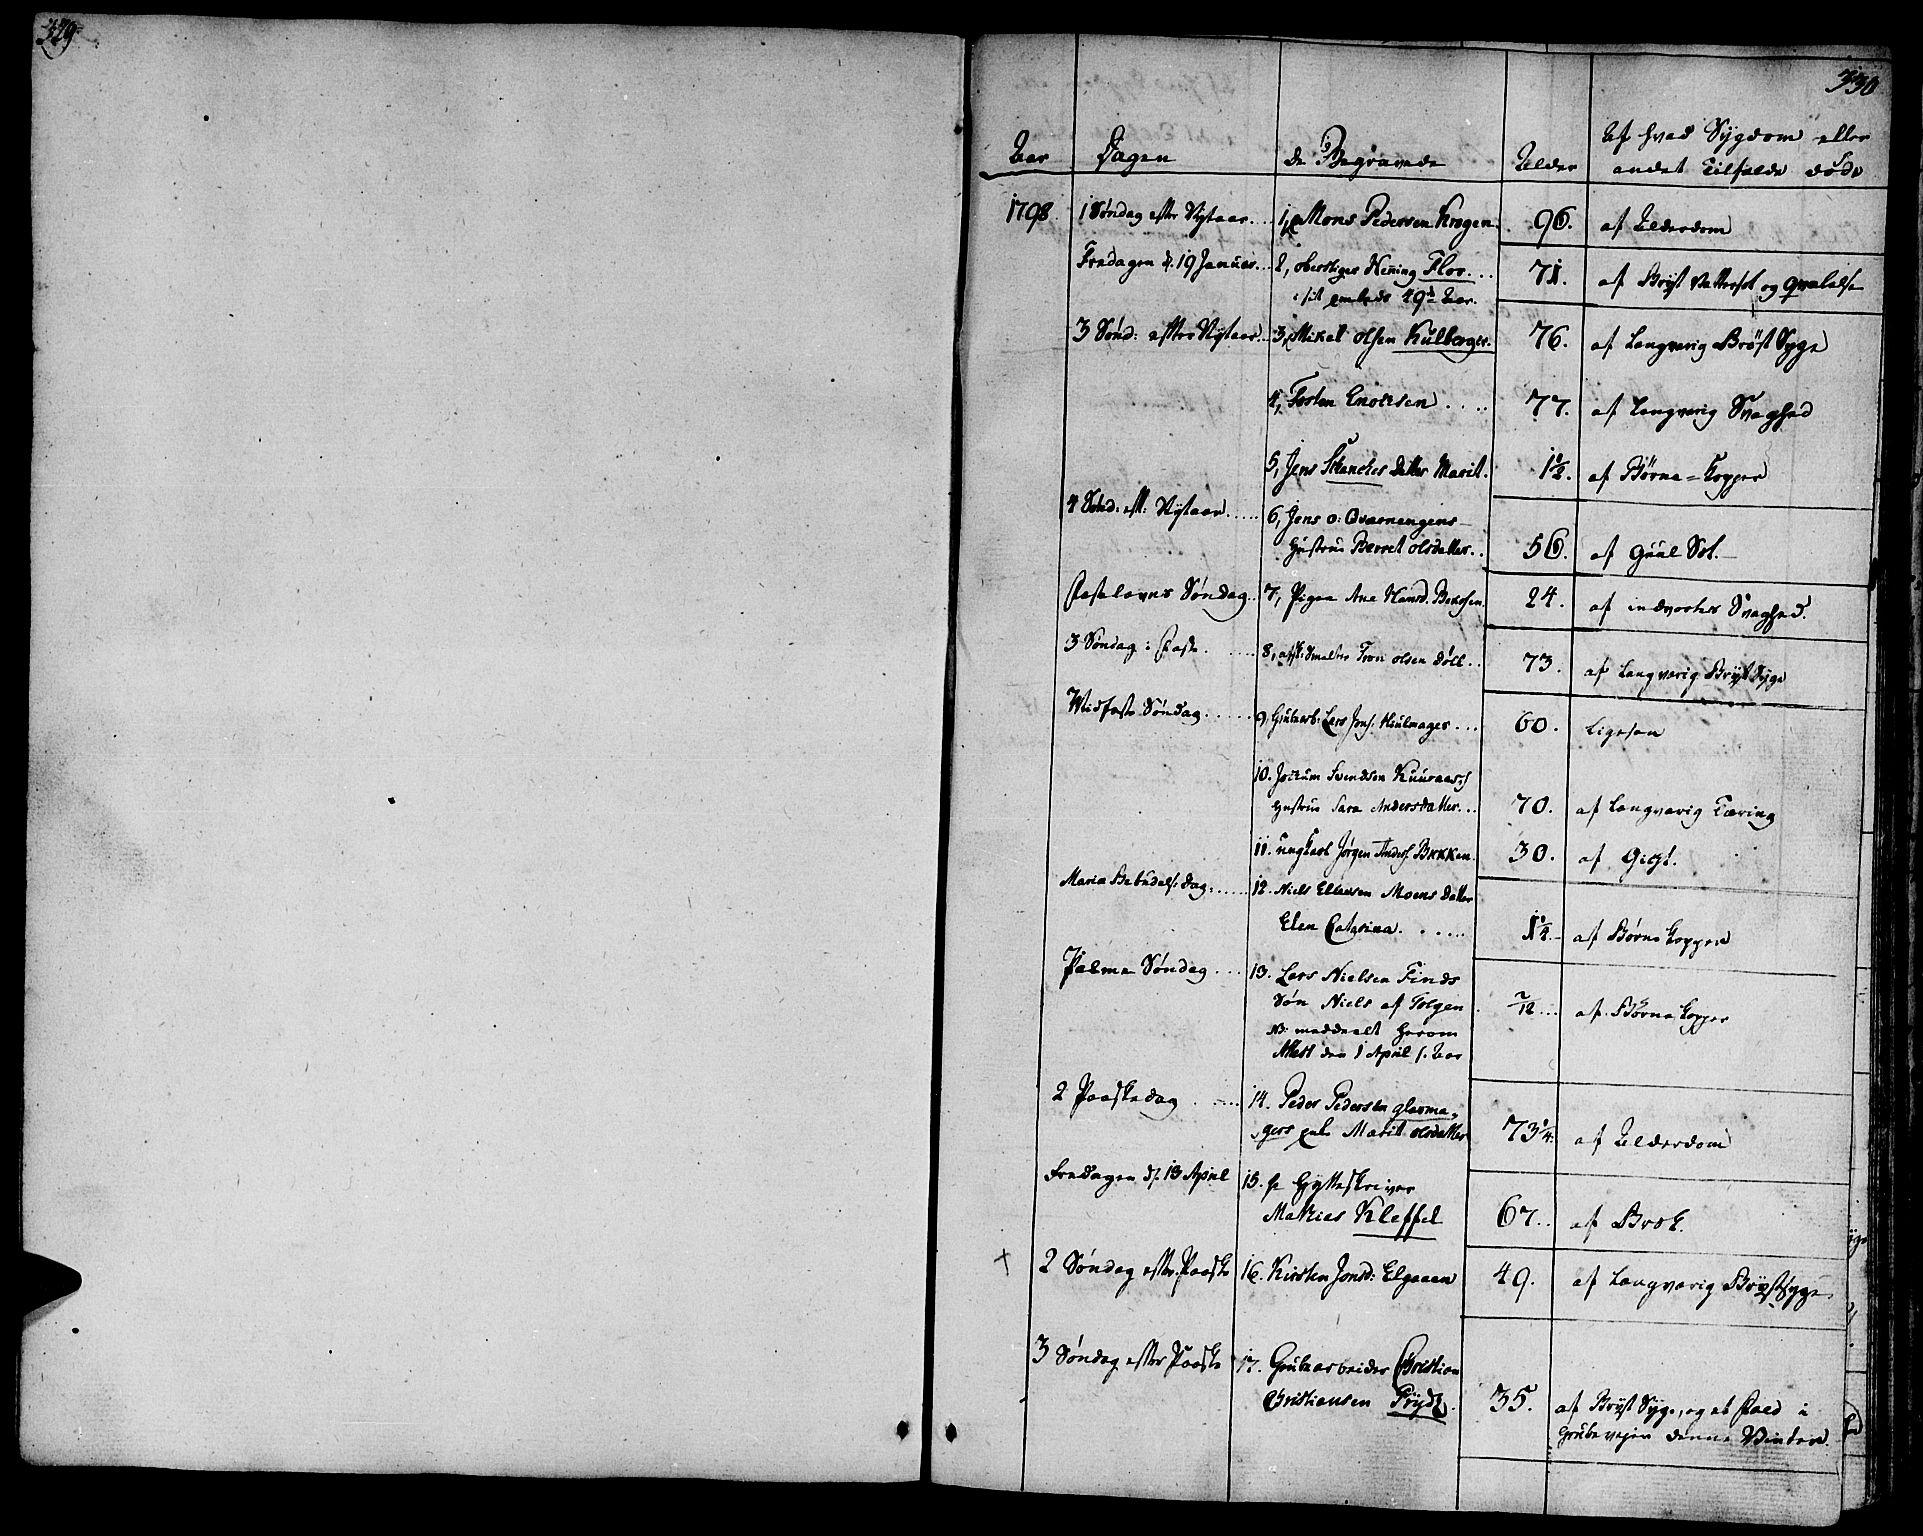 SAT, Ministerialprotokoller, klokkerbøker og fødselsregistre - Sør-Trøndelag, 681/L0927: Ministerialbok nr. 681A05, 1798-1808, s. 329-330